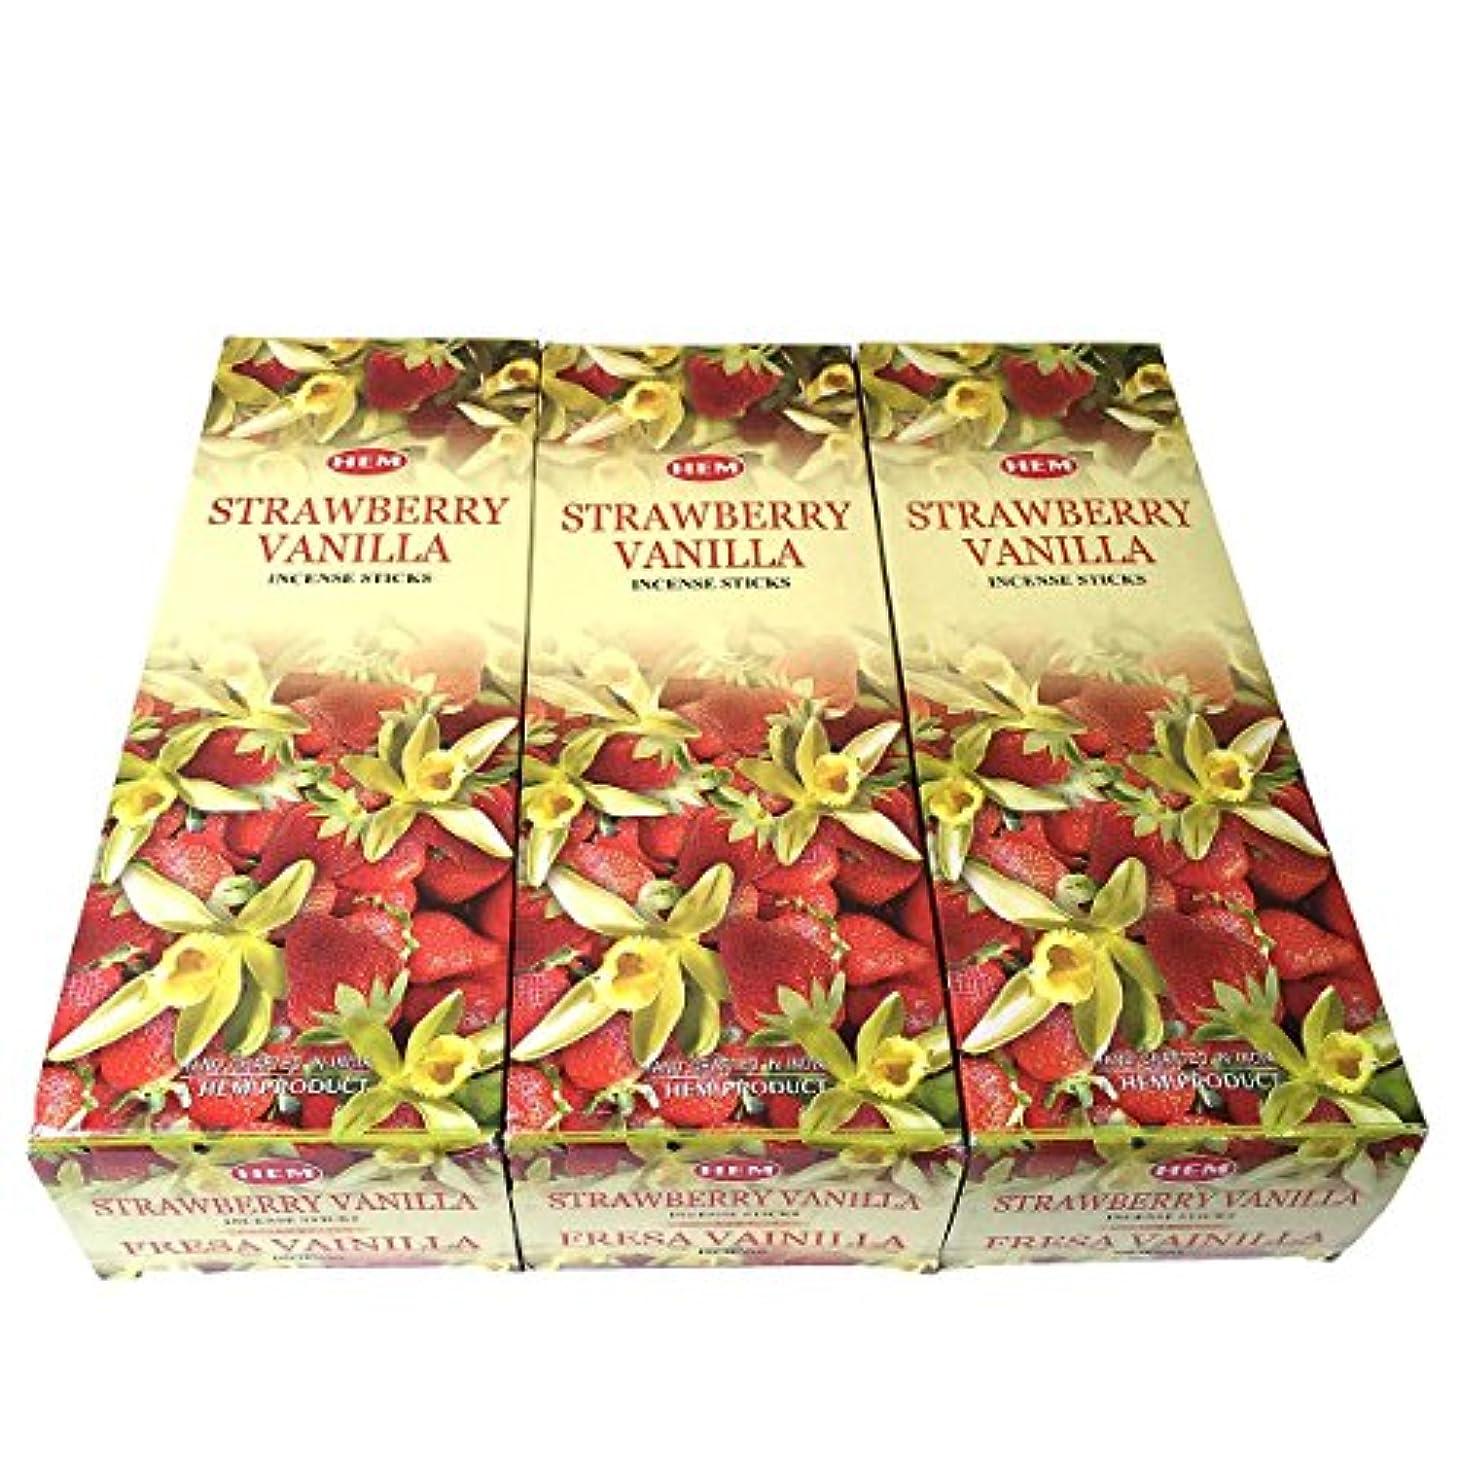 クライマックス話エンゲージメントストロベリーバニラ香スティック 3BOX(18箱) /HEM STRAWBERRY VANILLA/インセンス/インド香 お香 [並行輸入品]